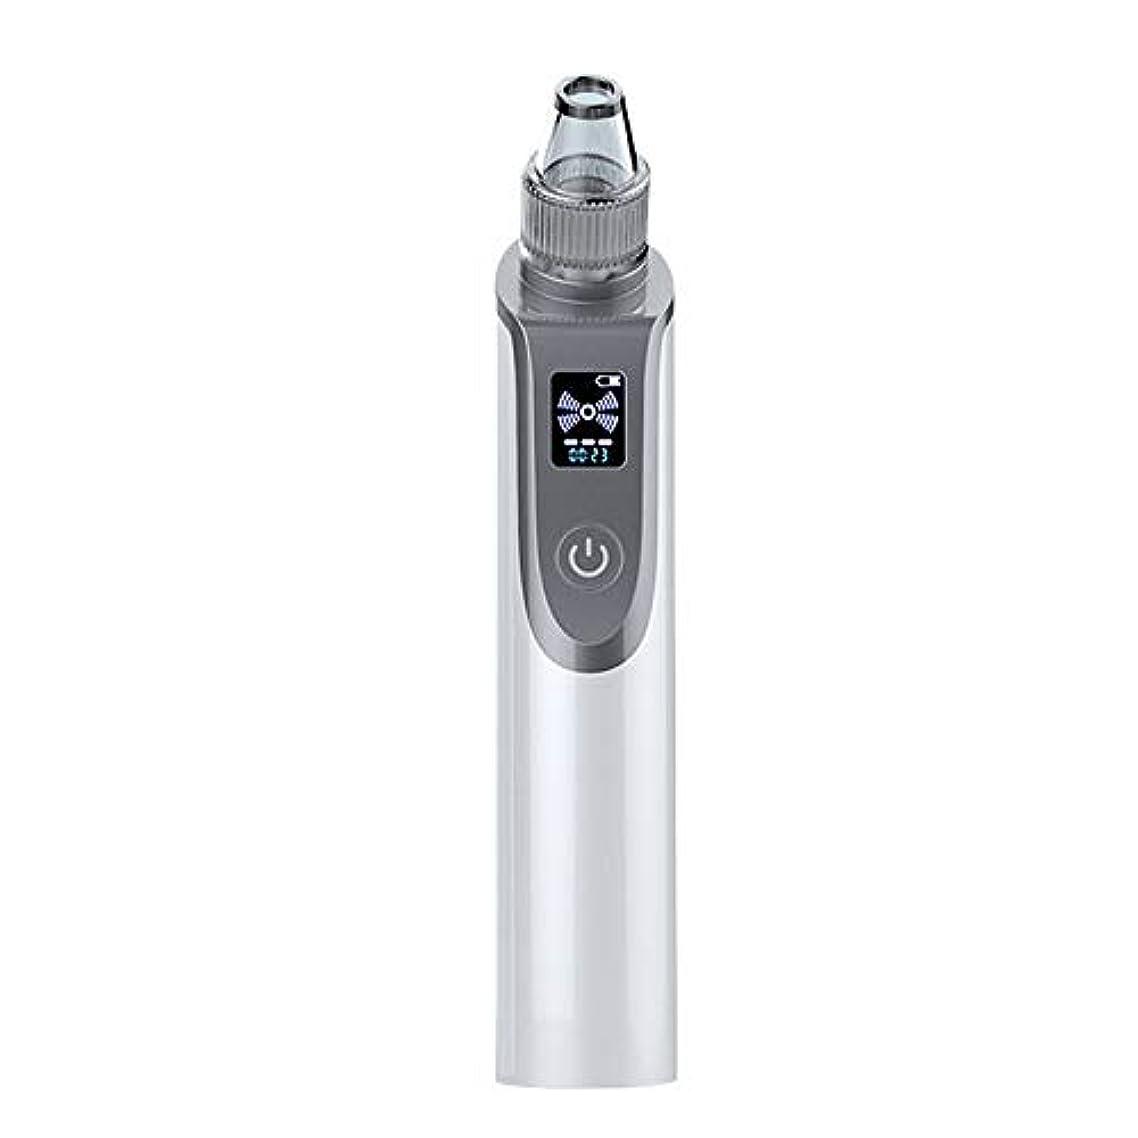 非効率的な平等再生的にきび除去剤、にきび - にきび楽器 - 超音波美容器具 - 毛穴クリーナー